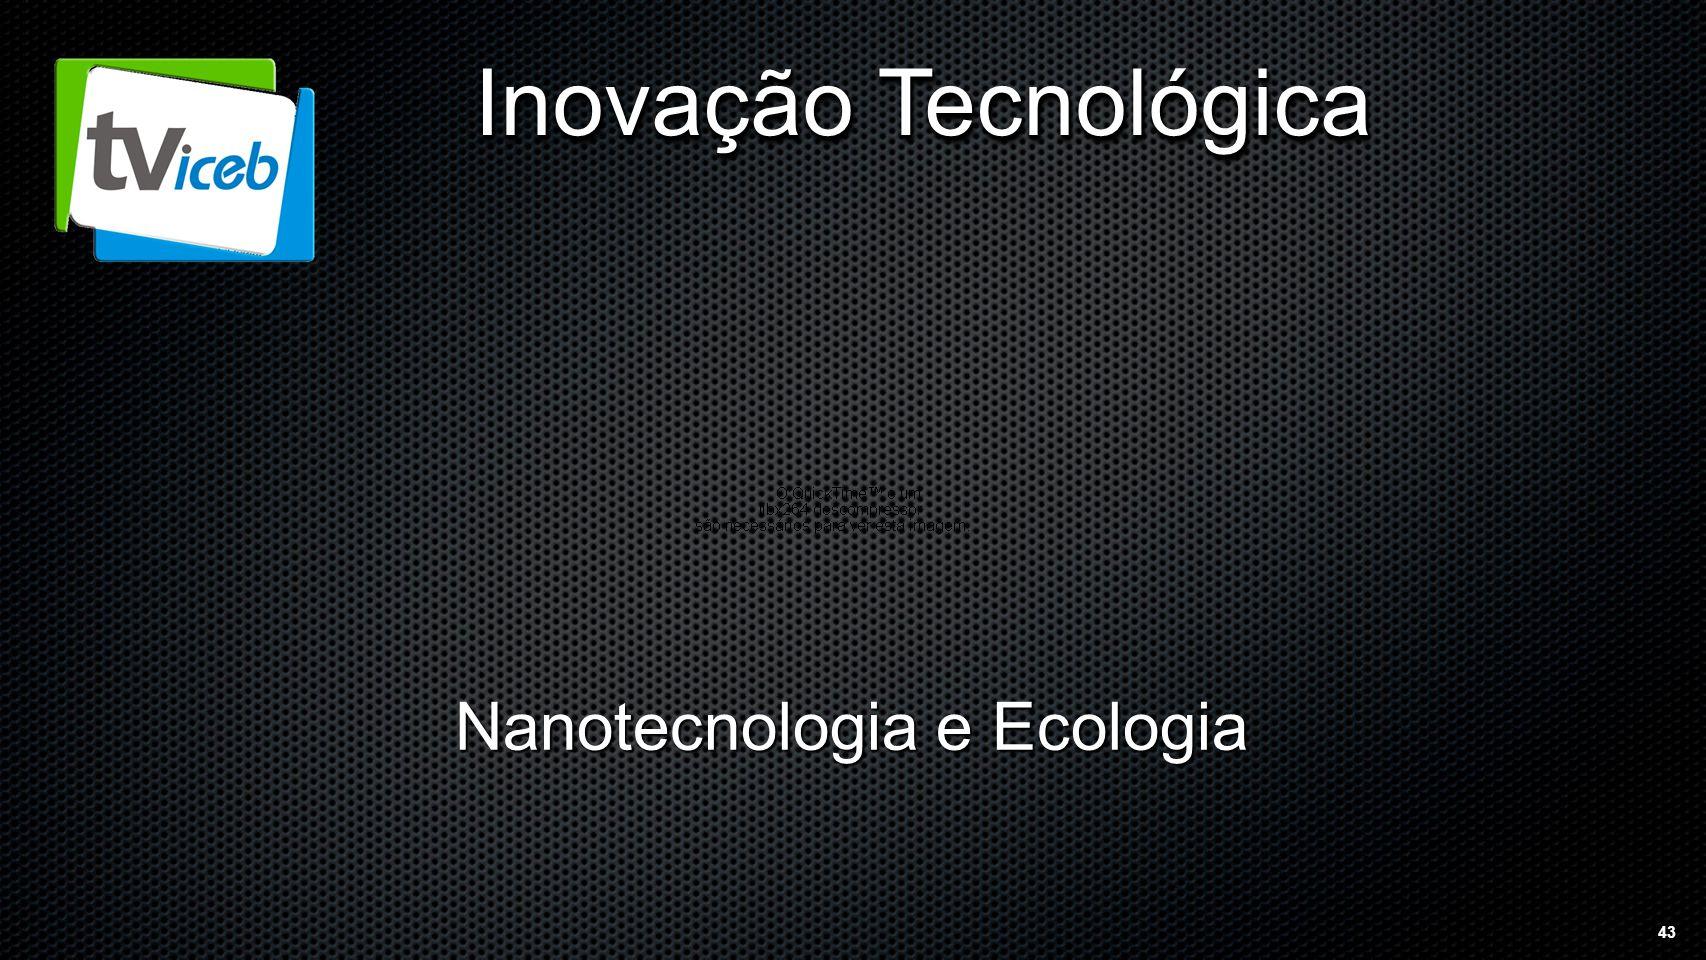 43 Inovação Tecnológica Nanotecnologia e Ecologia